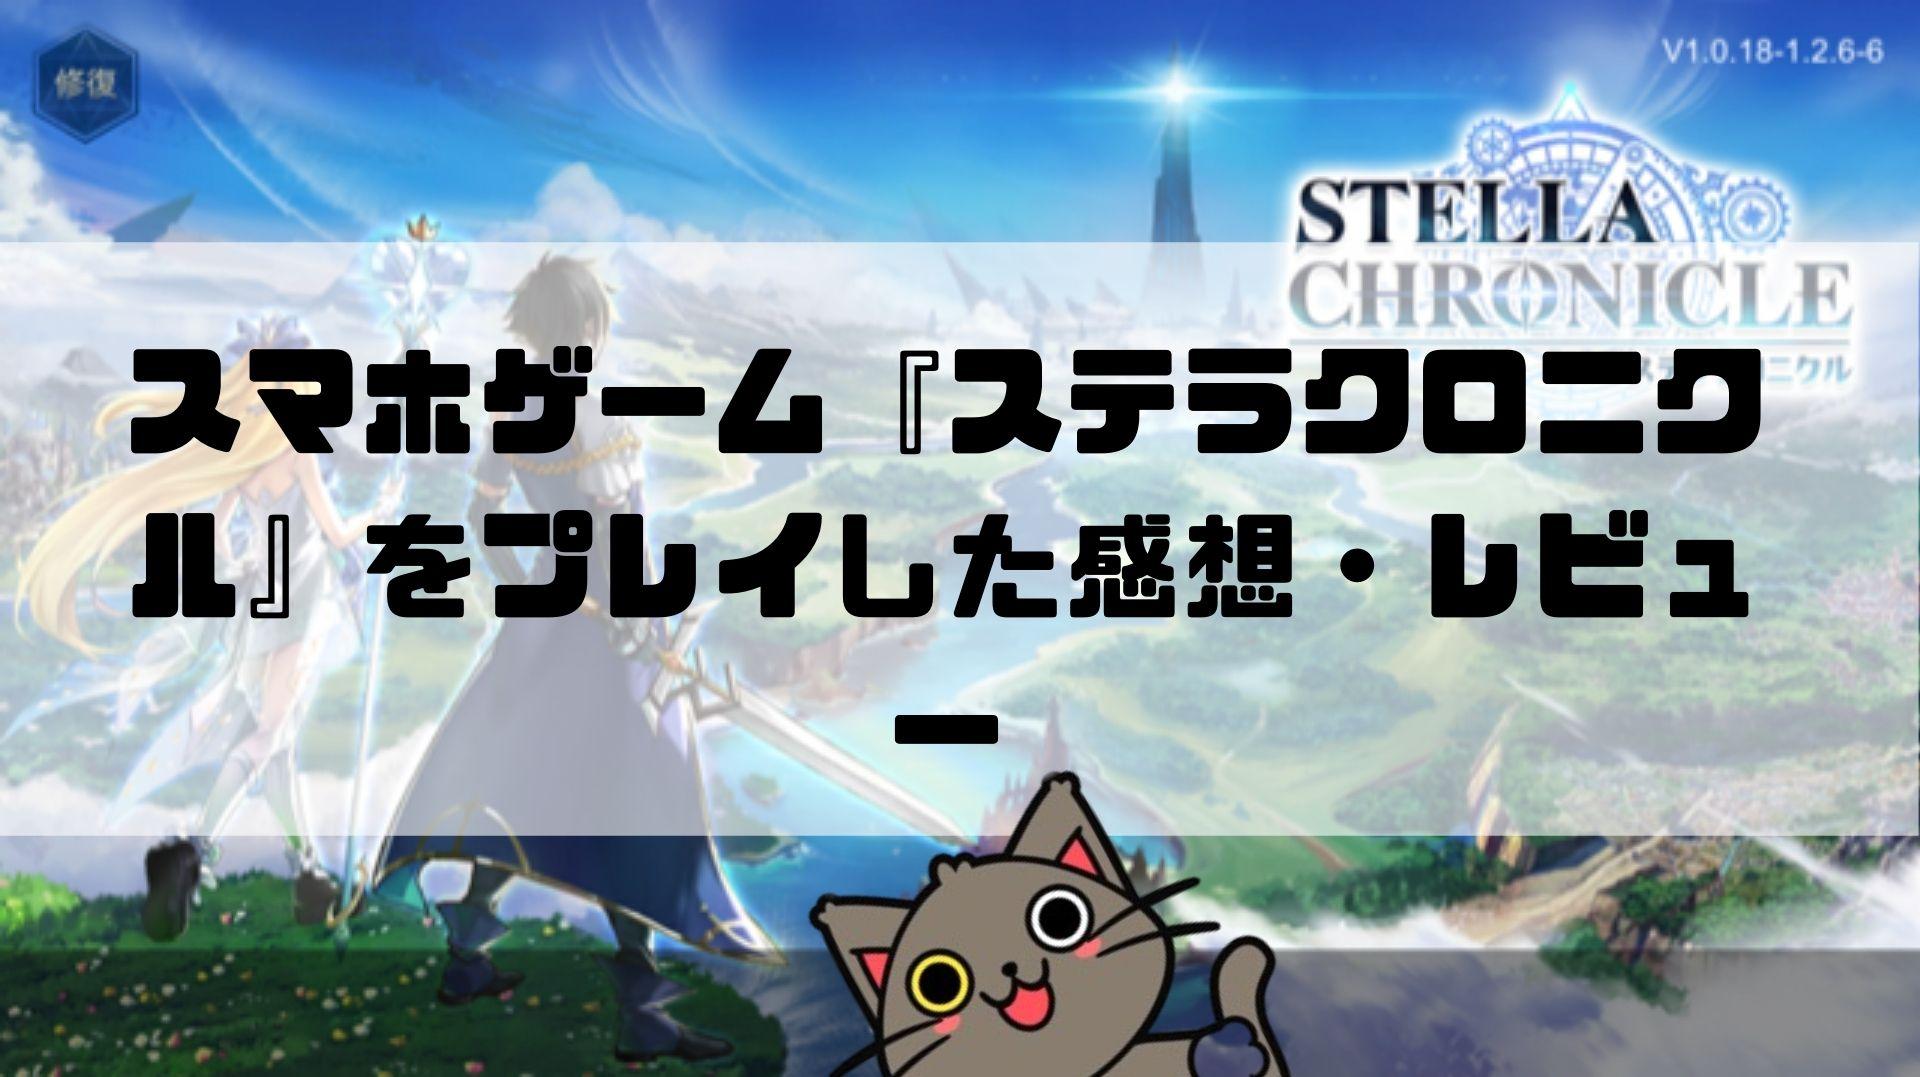 スマホゲーム『ステラクロニクル』をプレイした感想・レビュー